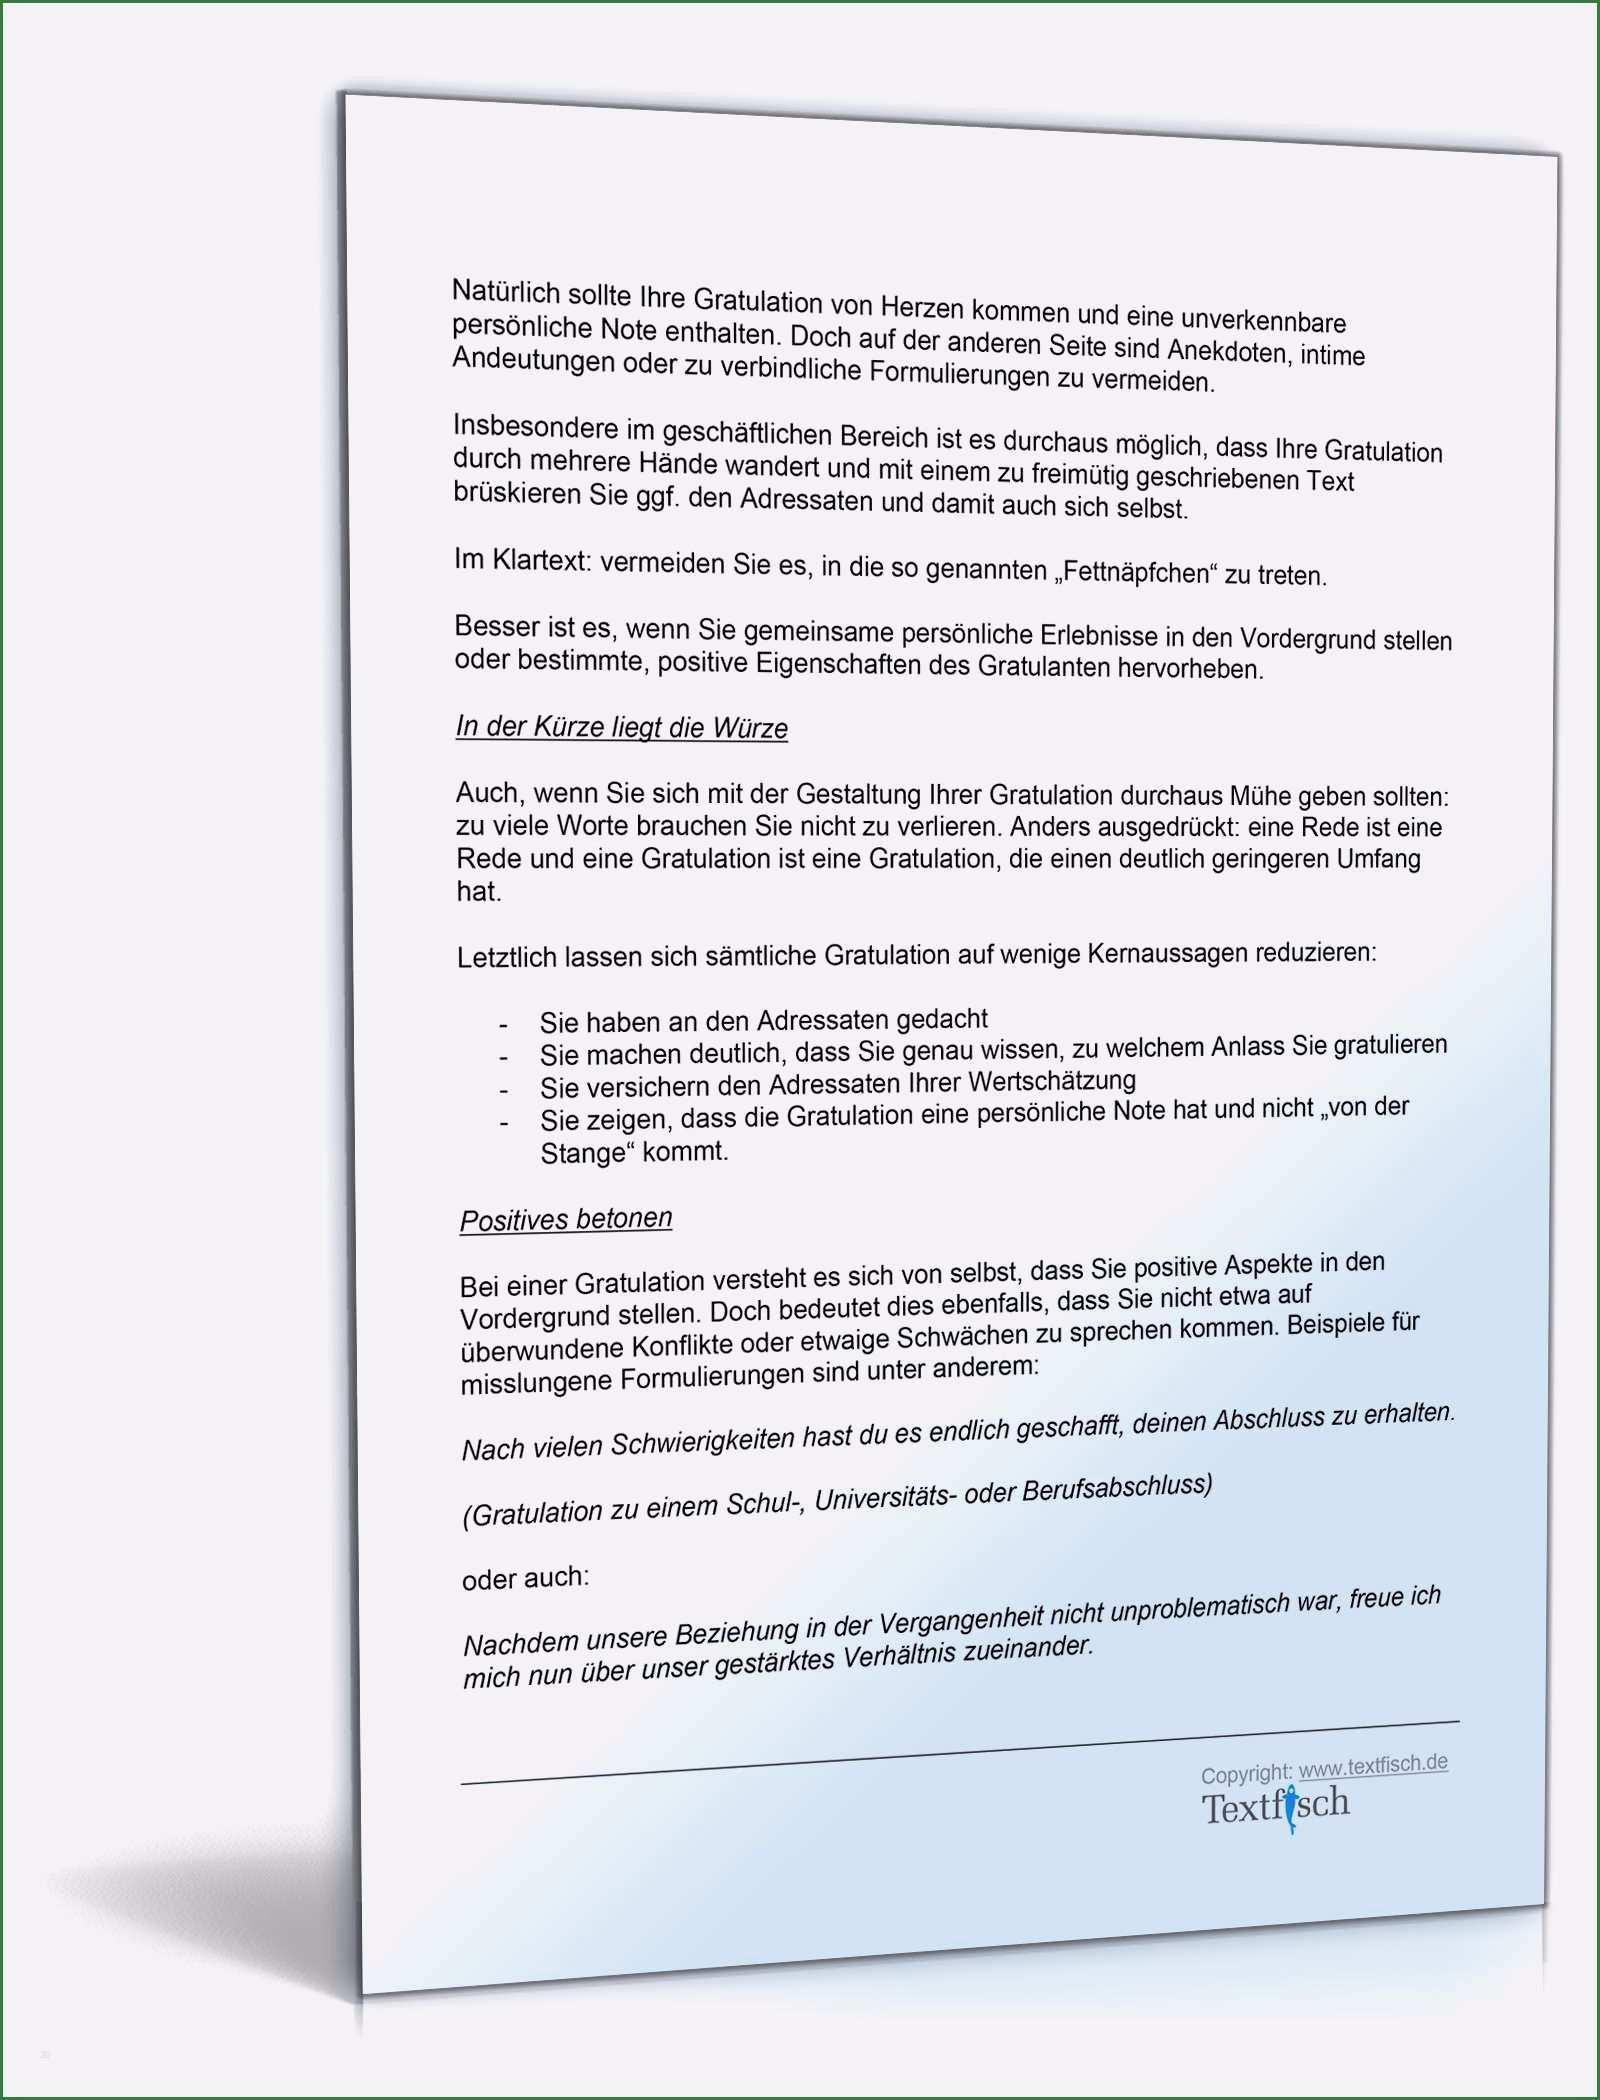 11 Gut Musterrede Konfirmation Vorlage Muster Geschenkgutschein Vorlage Gluckwunschkarte Vorlagen